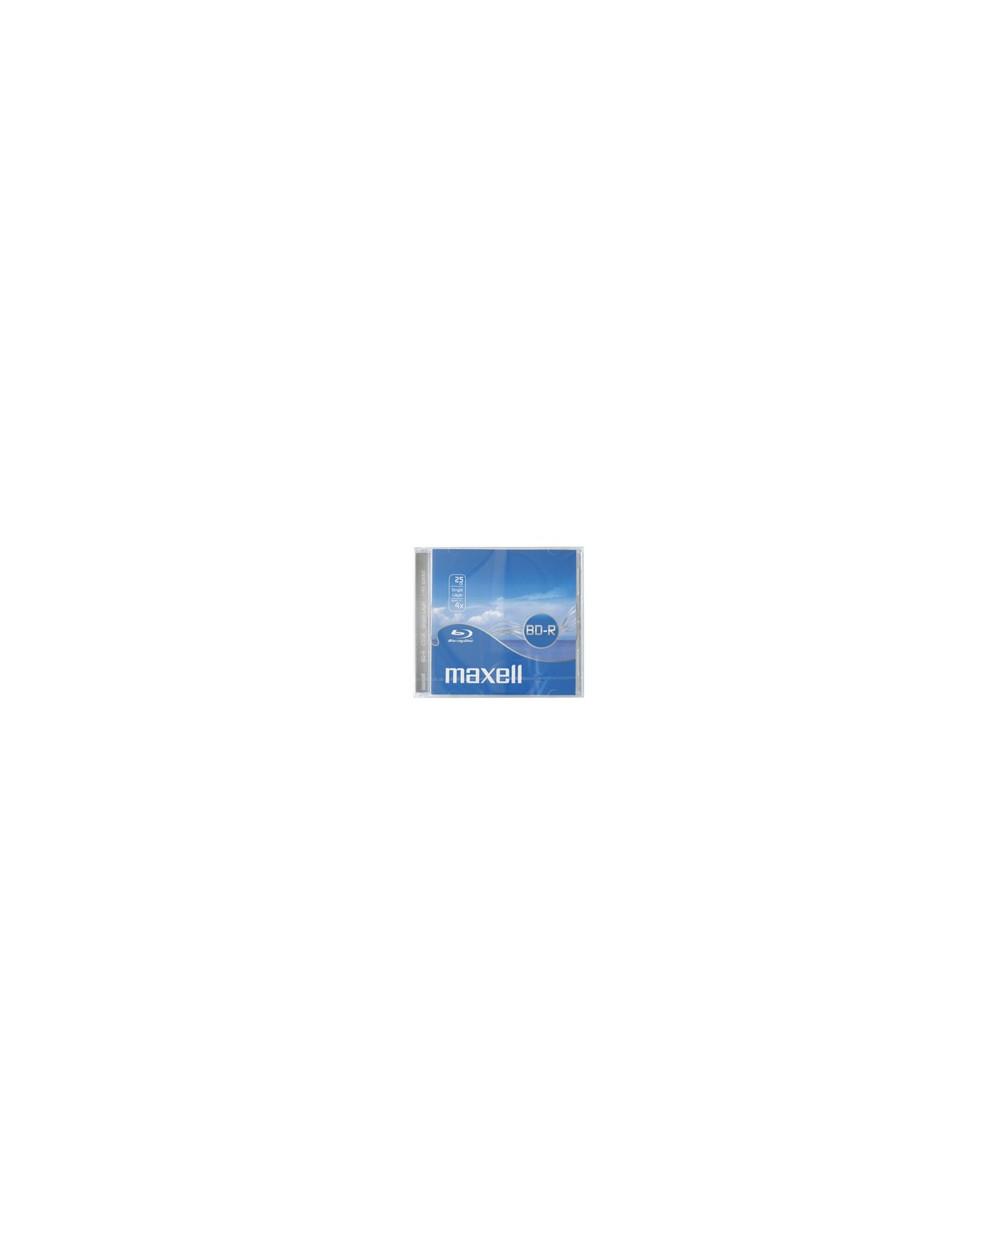 BD-R Maxell Blu-ray 25GB 4x, 10 бр. кутия